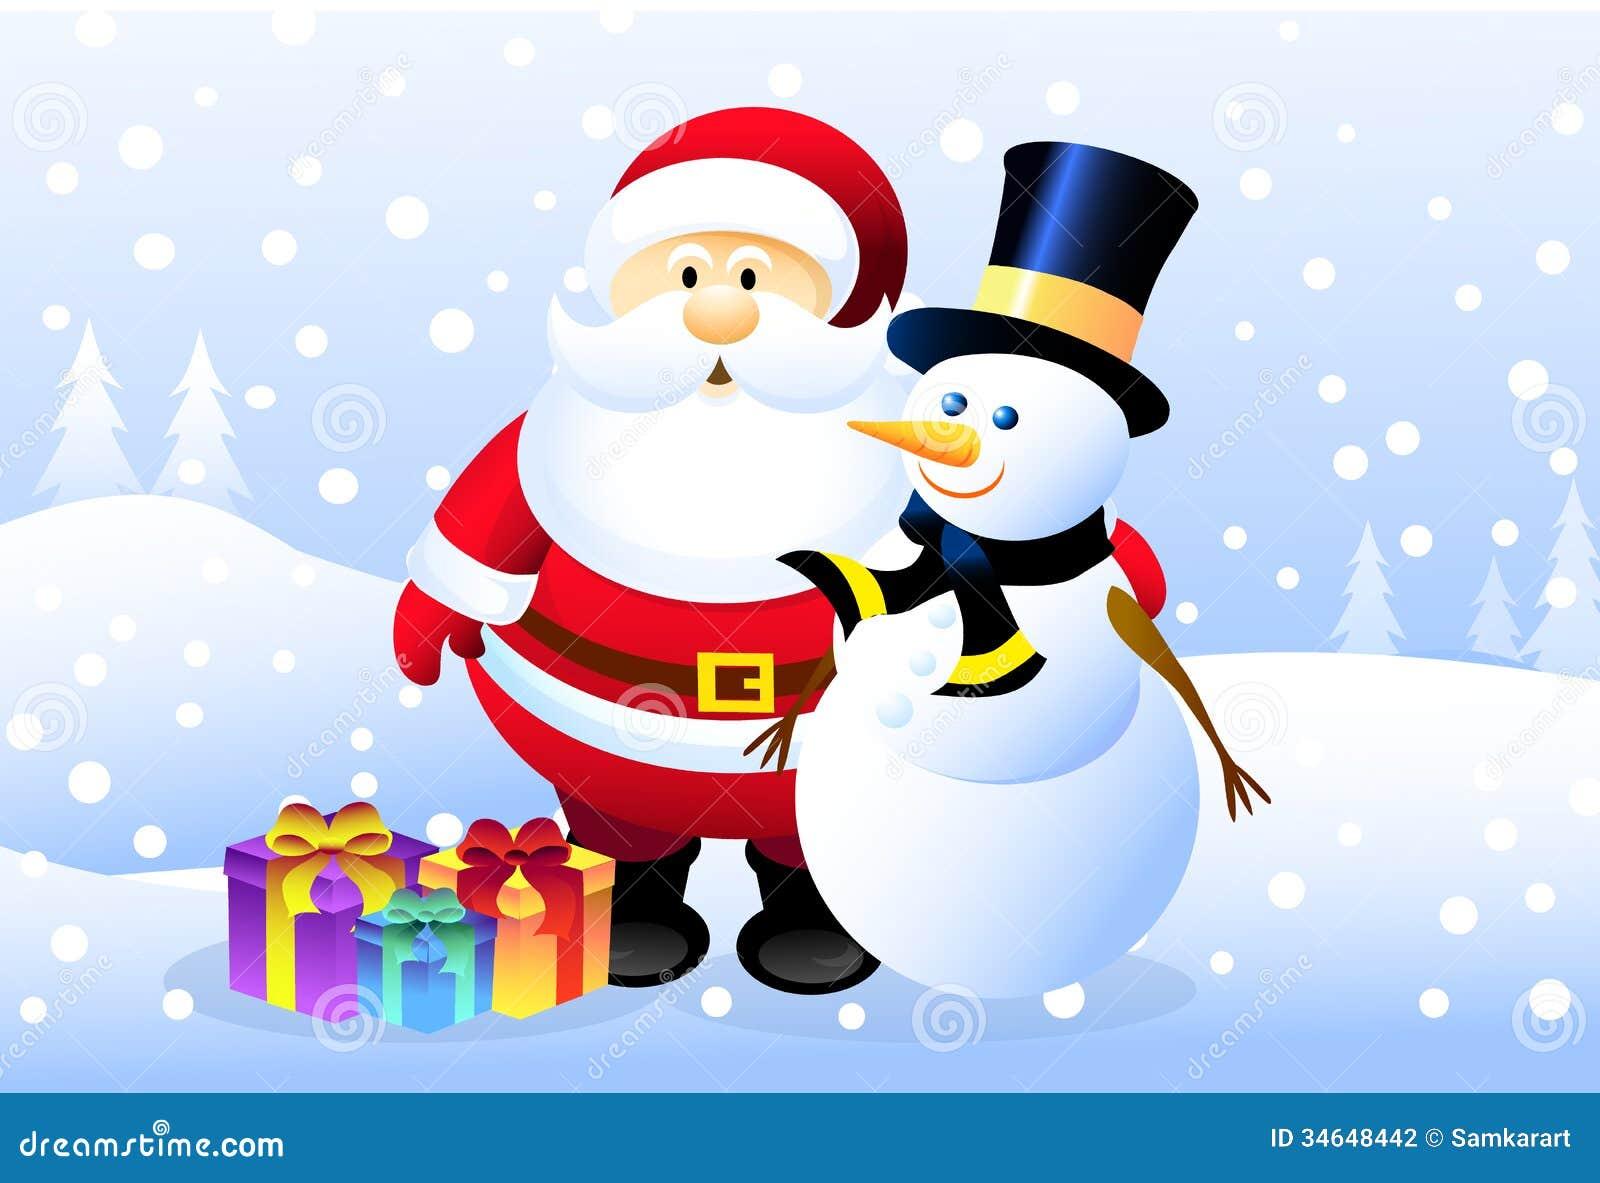 santa snowman - Santa And Snowman